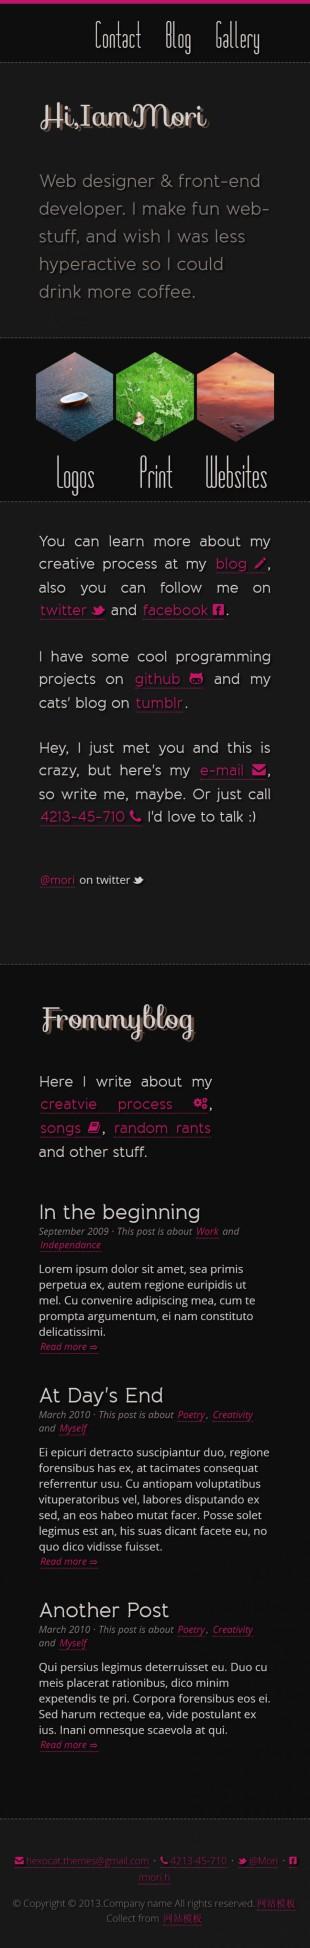 黑色个性的图片个人博客英文模板网站制作手机图片